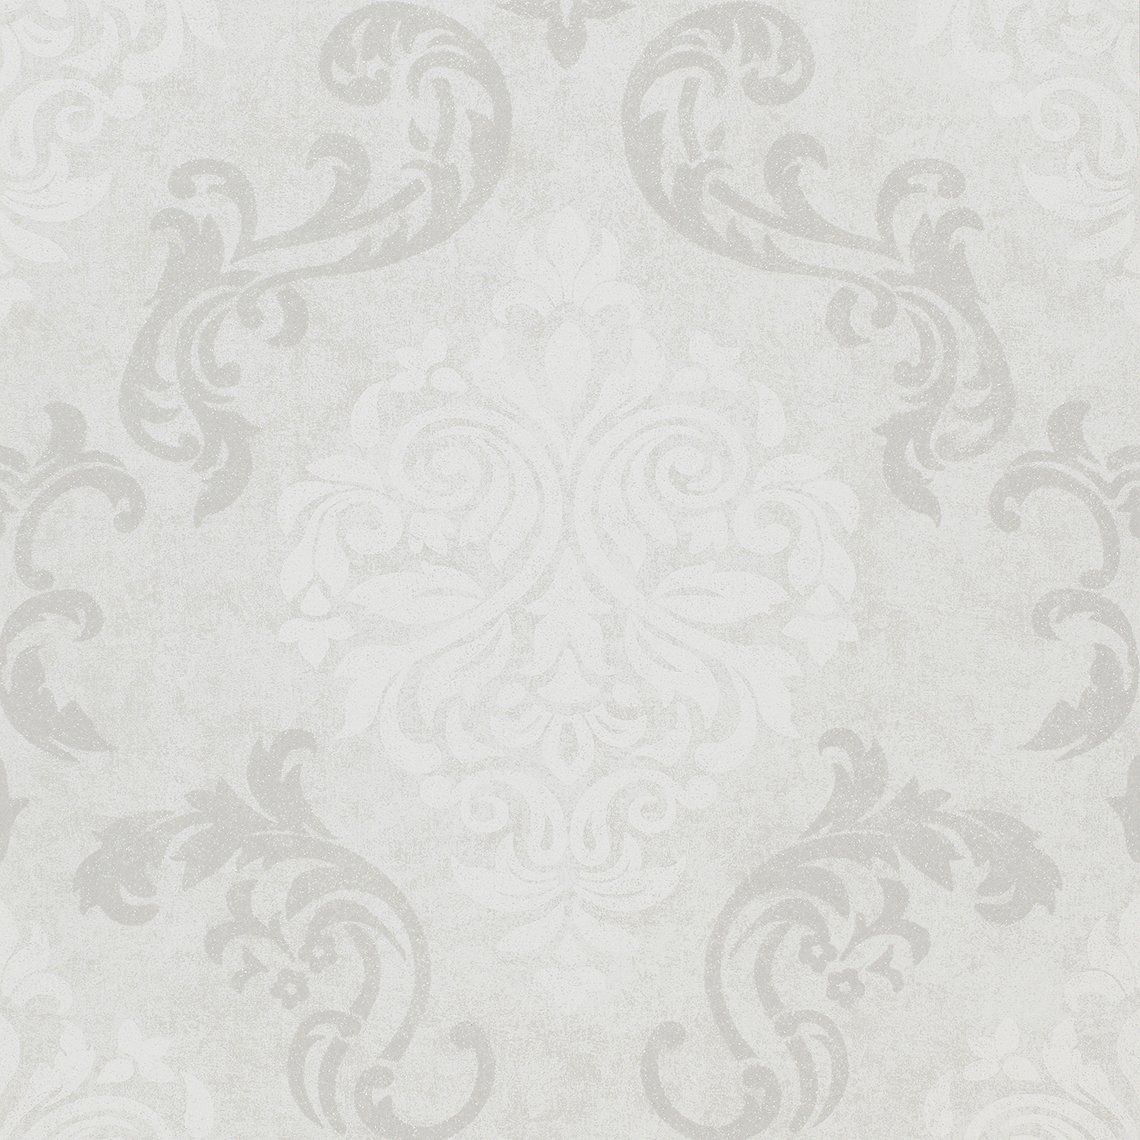 papier peint damask expans sur intiss motif arabesque. Black Bedroom Furniture Sets. Home Design Ideas